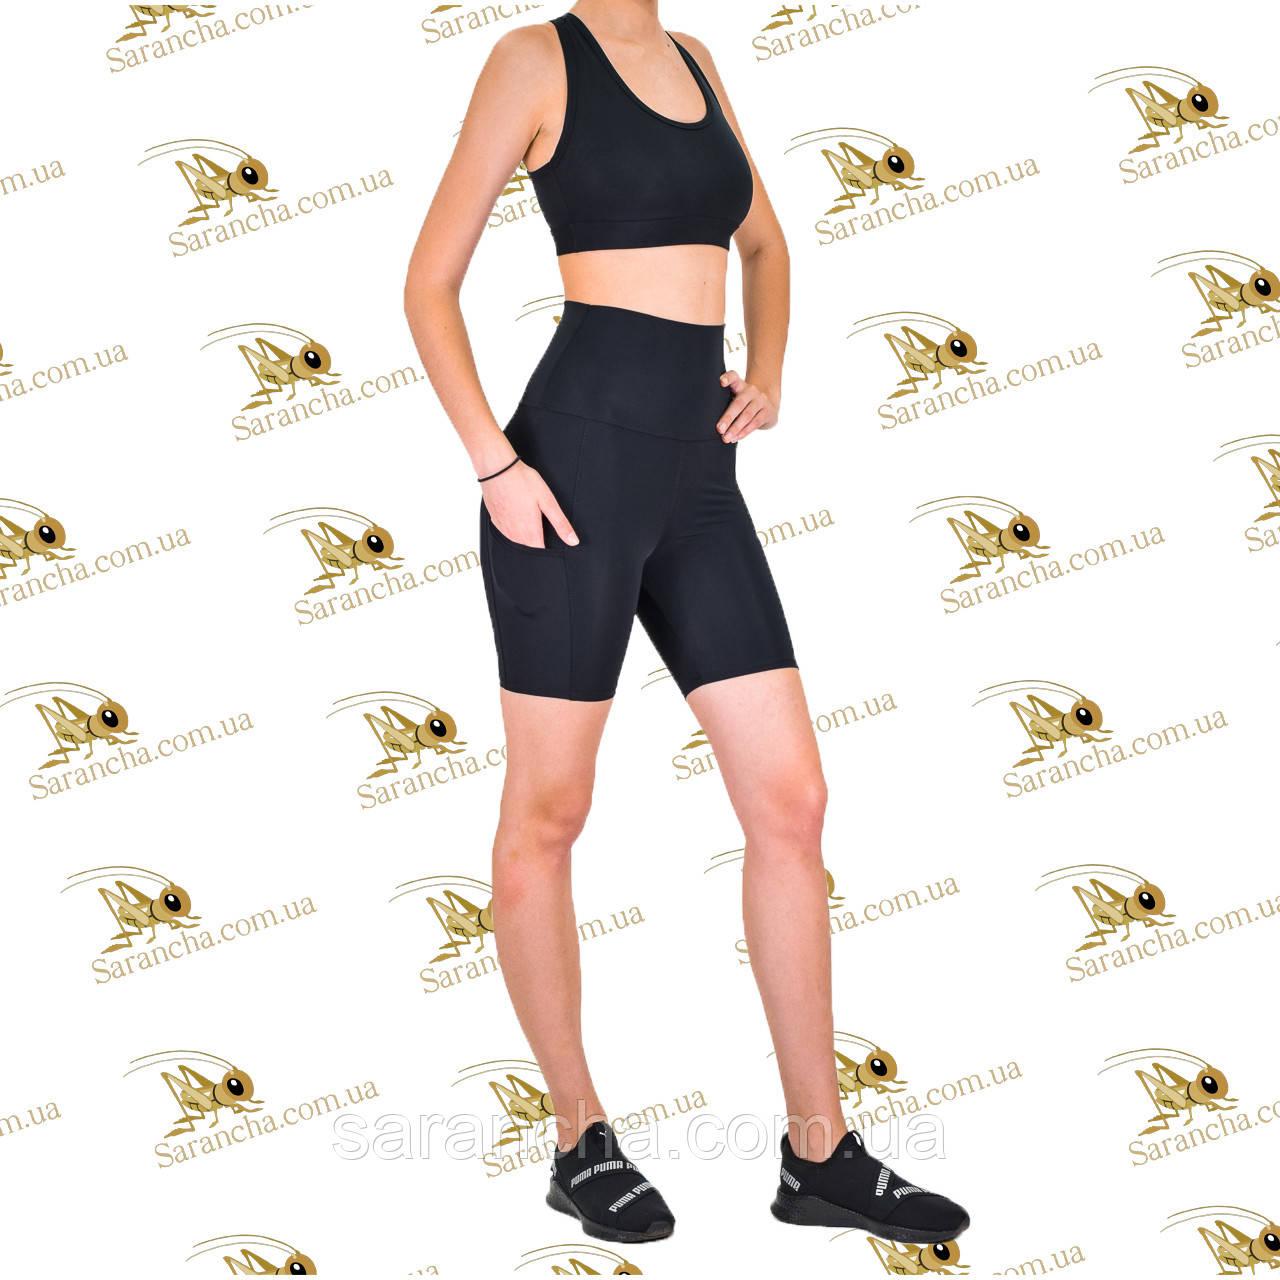 Жіночий спортивний комплект шорти-велосипедки з кишенями і топ чорного кольору